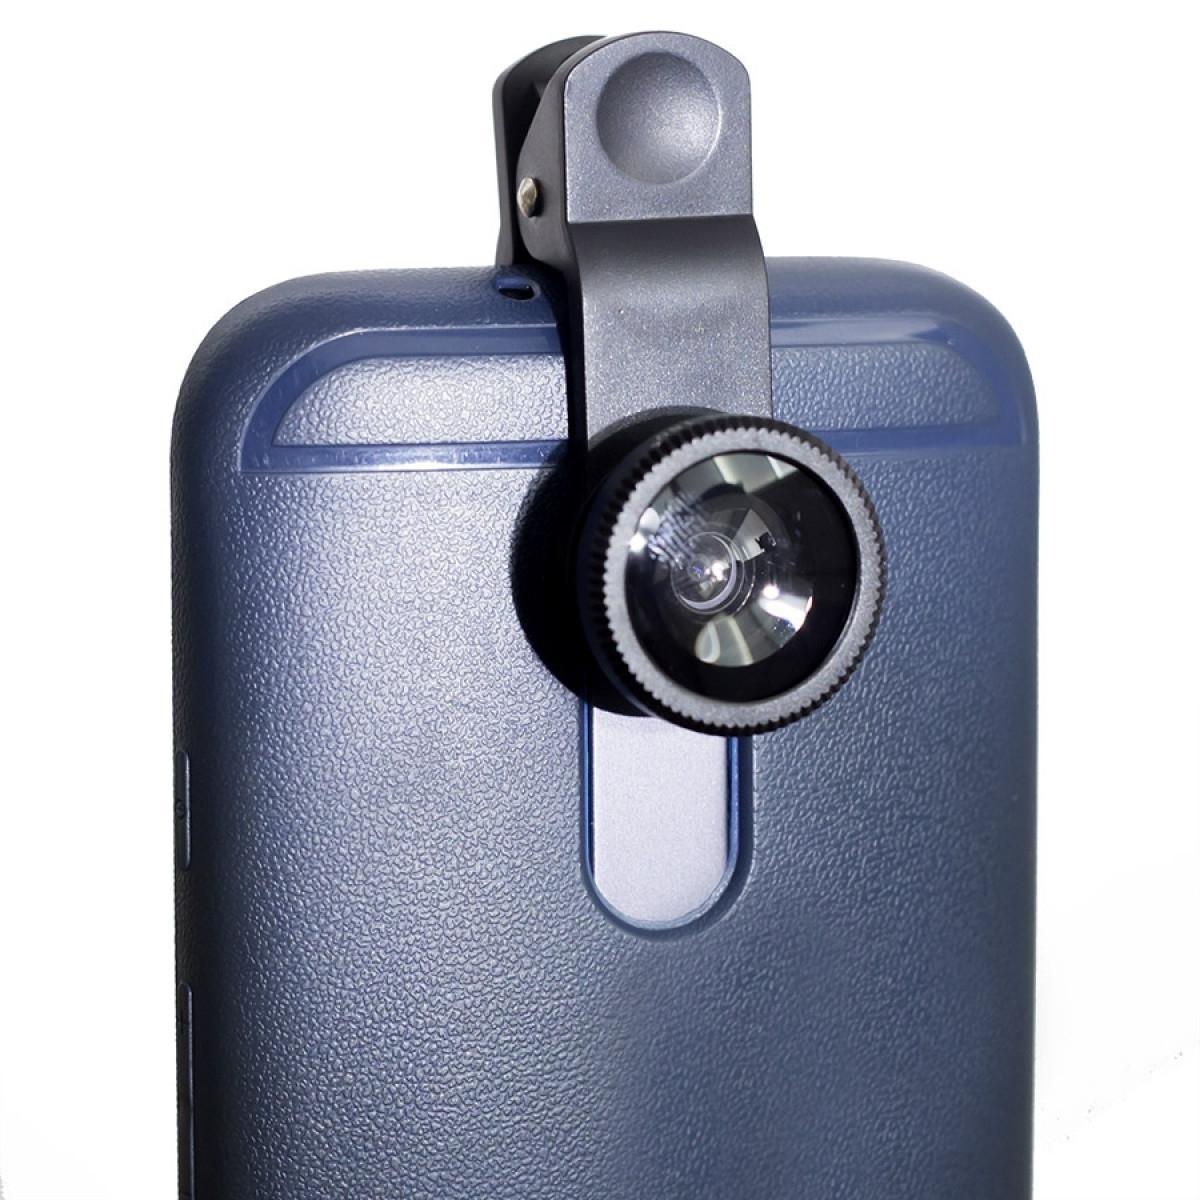 368f9720323 Kit lente celular 3 em 1 Universal, Olho De Peixe, Grande angular e Macro -  Greika R$ 42,92 à vista. Adicionar à sacola